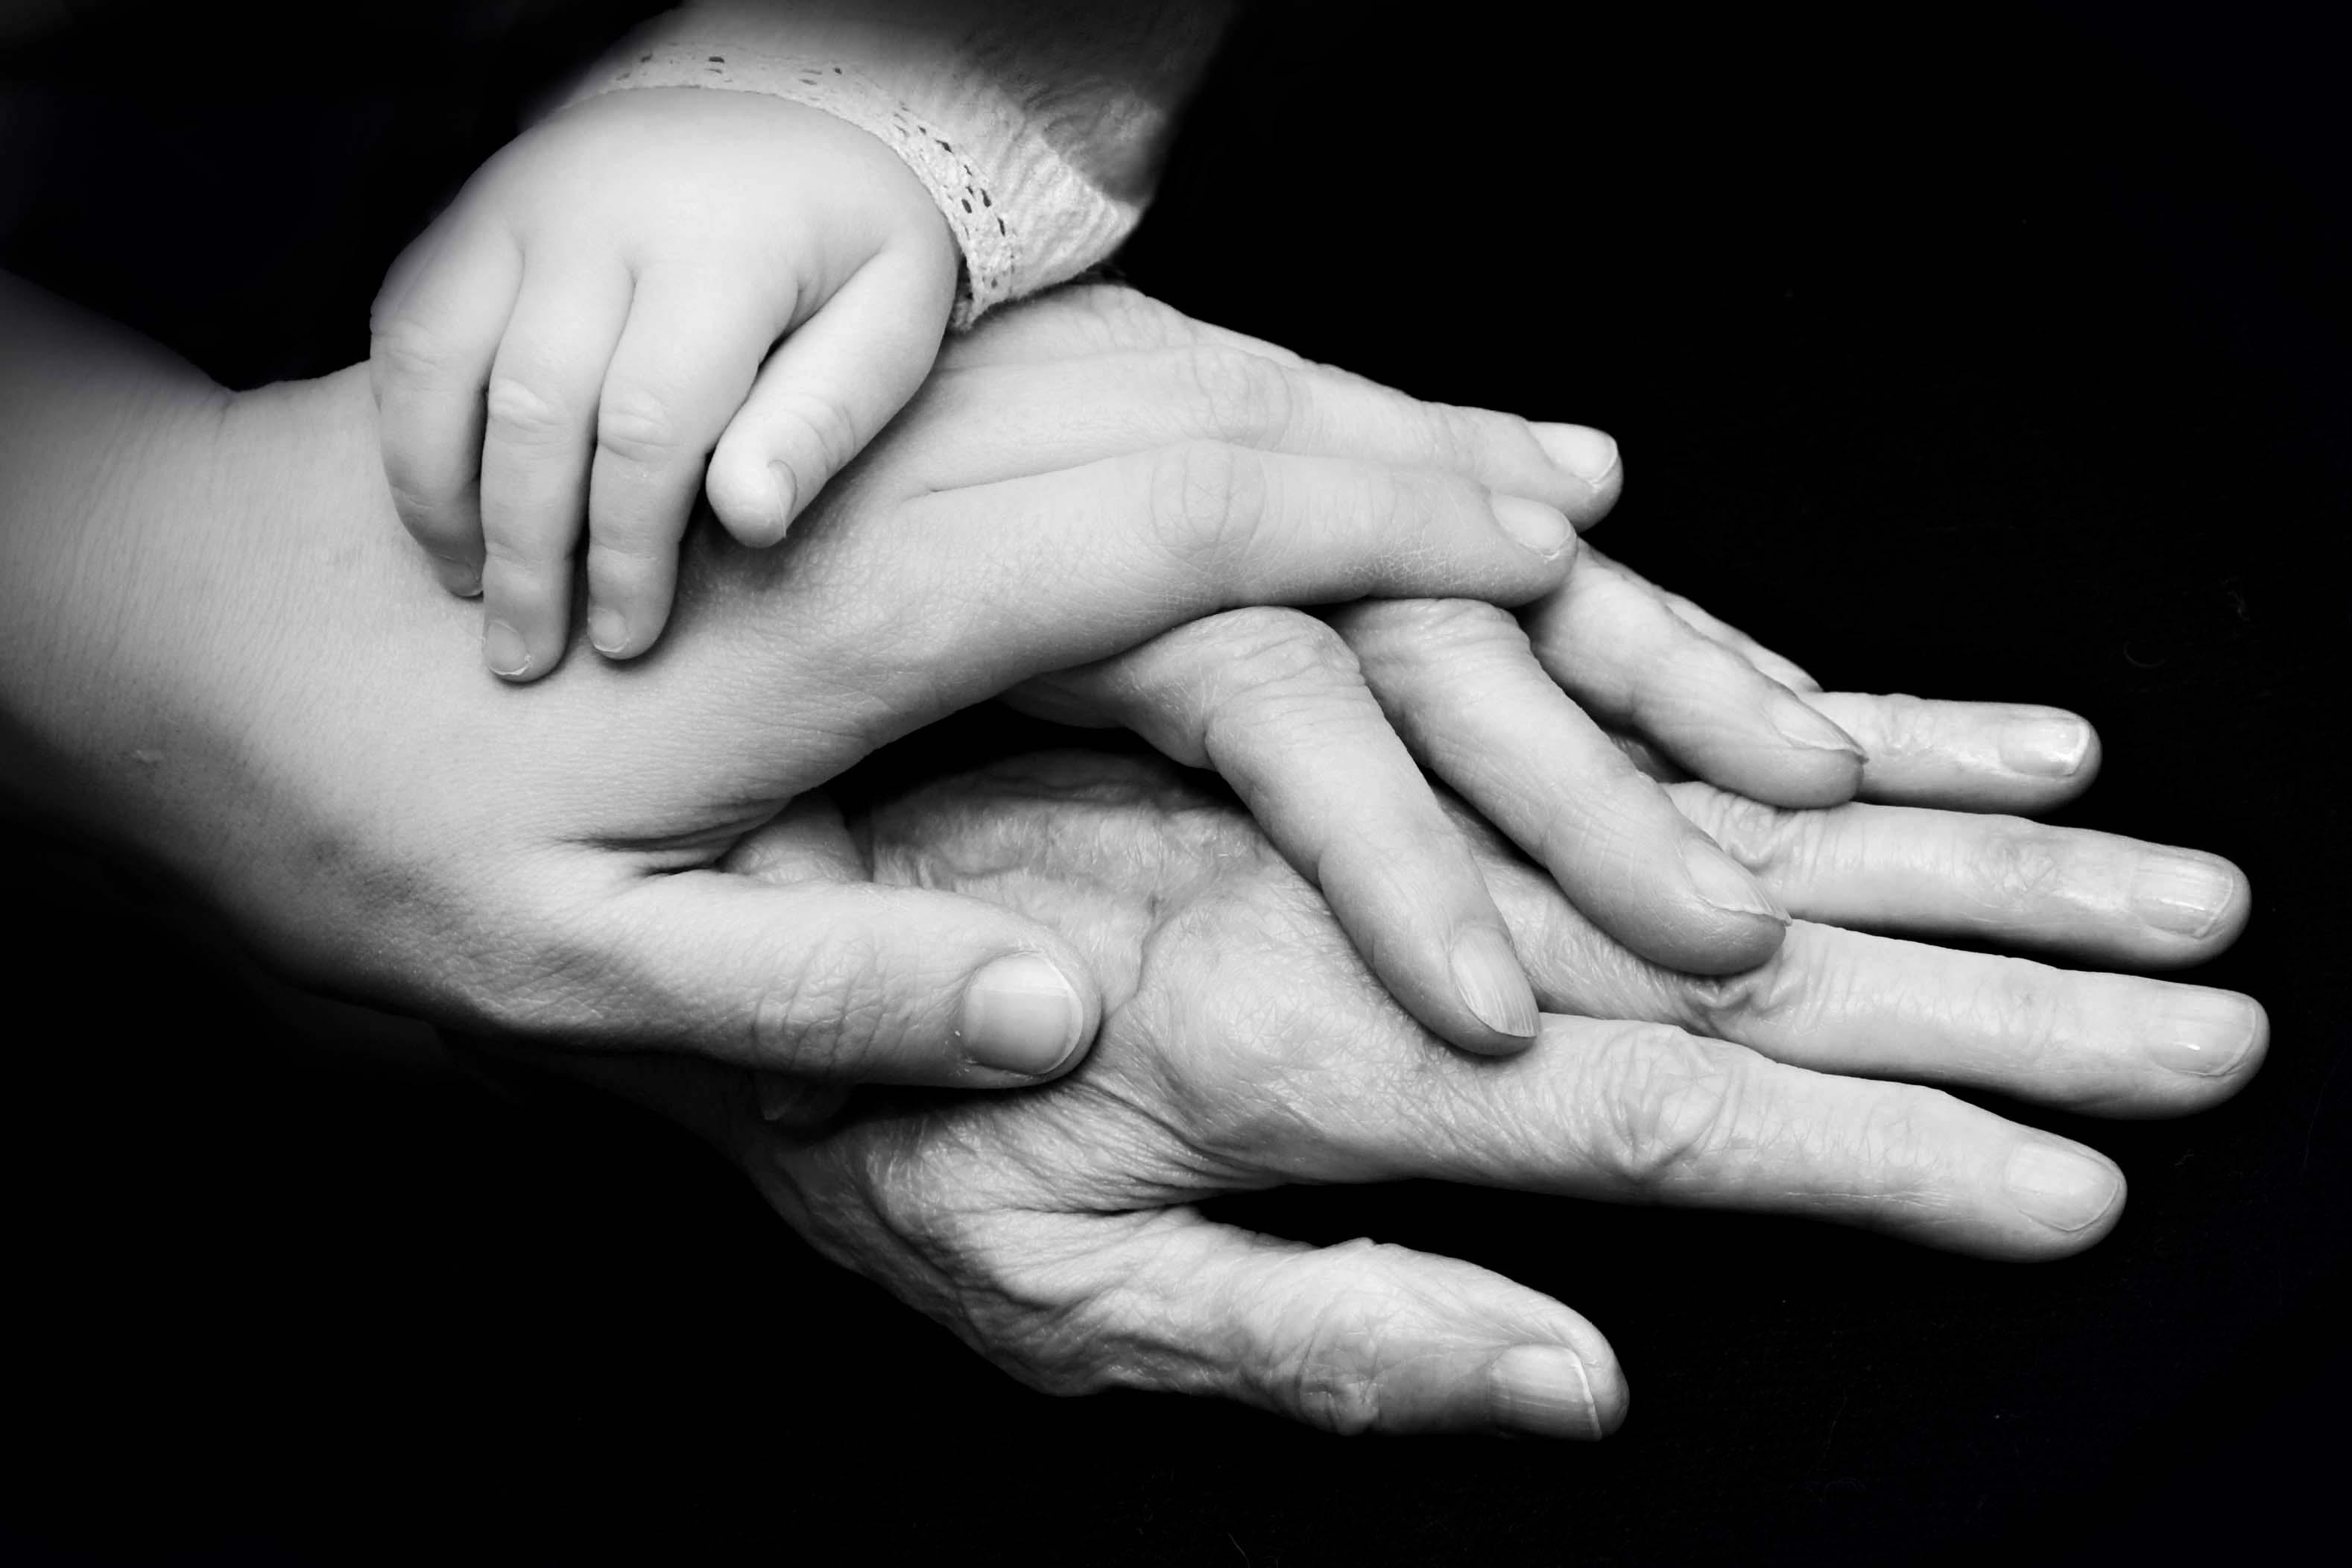 hands generations hecatedemeter